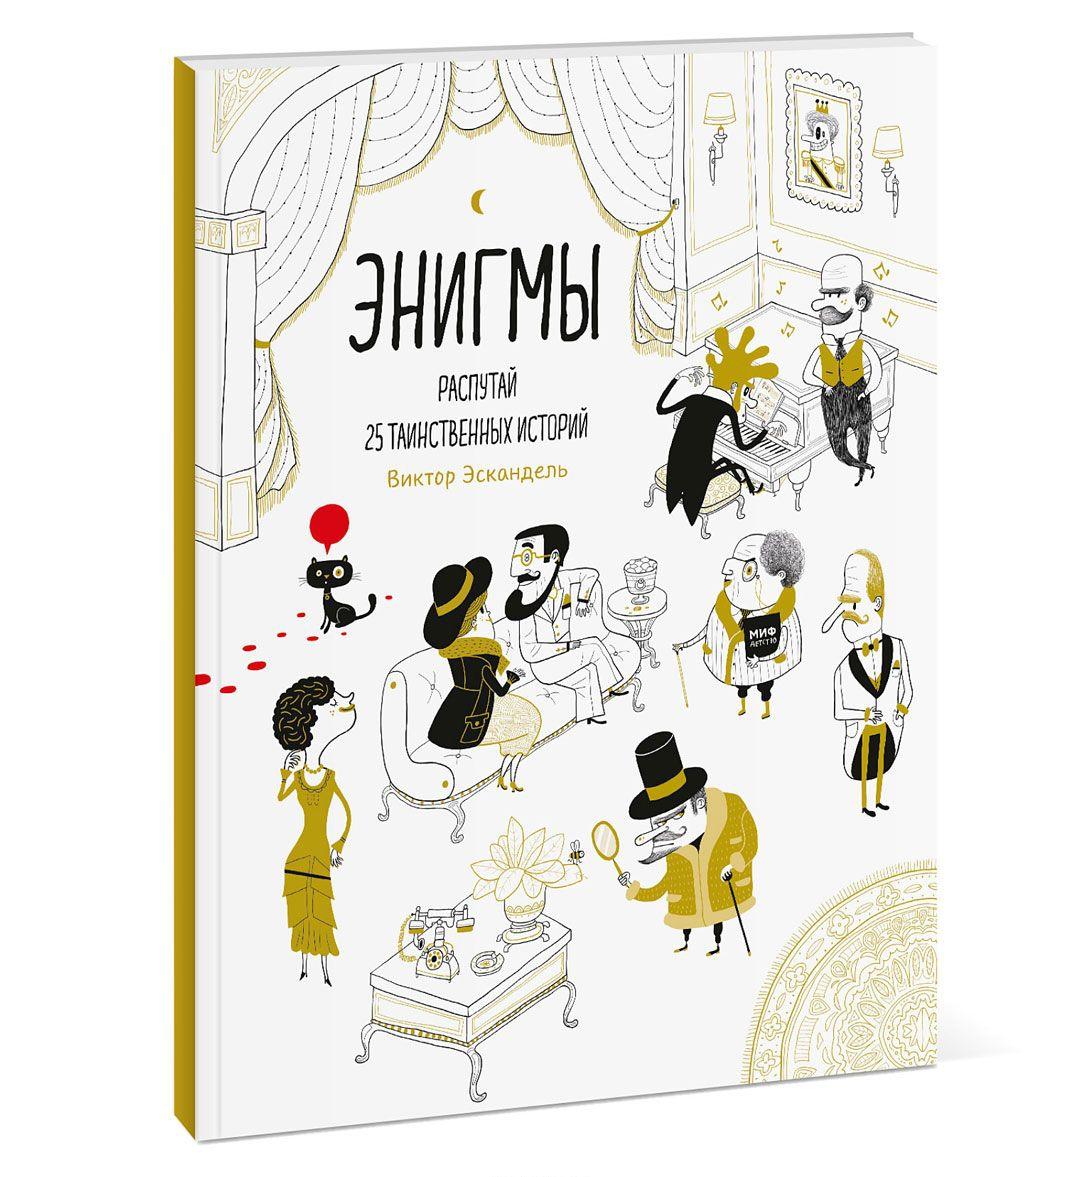 Kirjoja Vauvoille Osta Venäläisiä Kirjoja Netistä